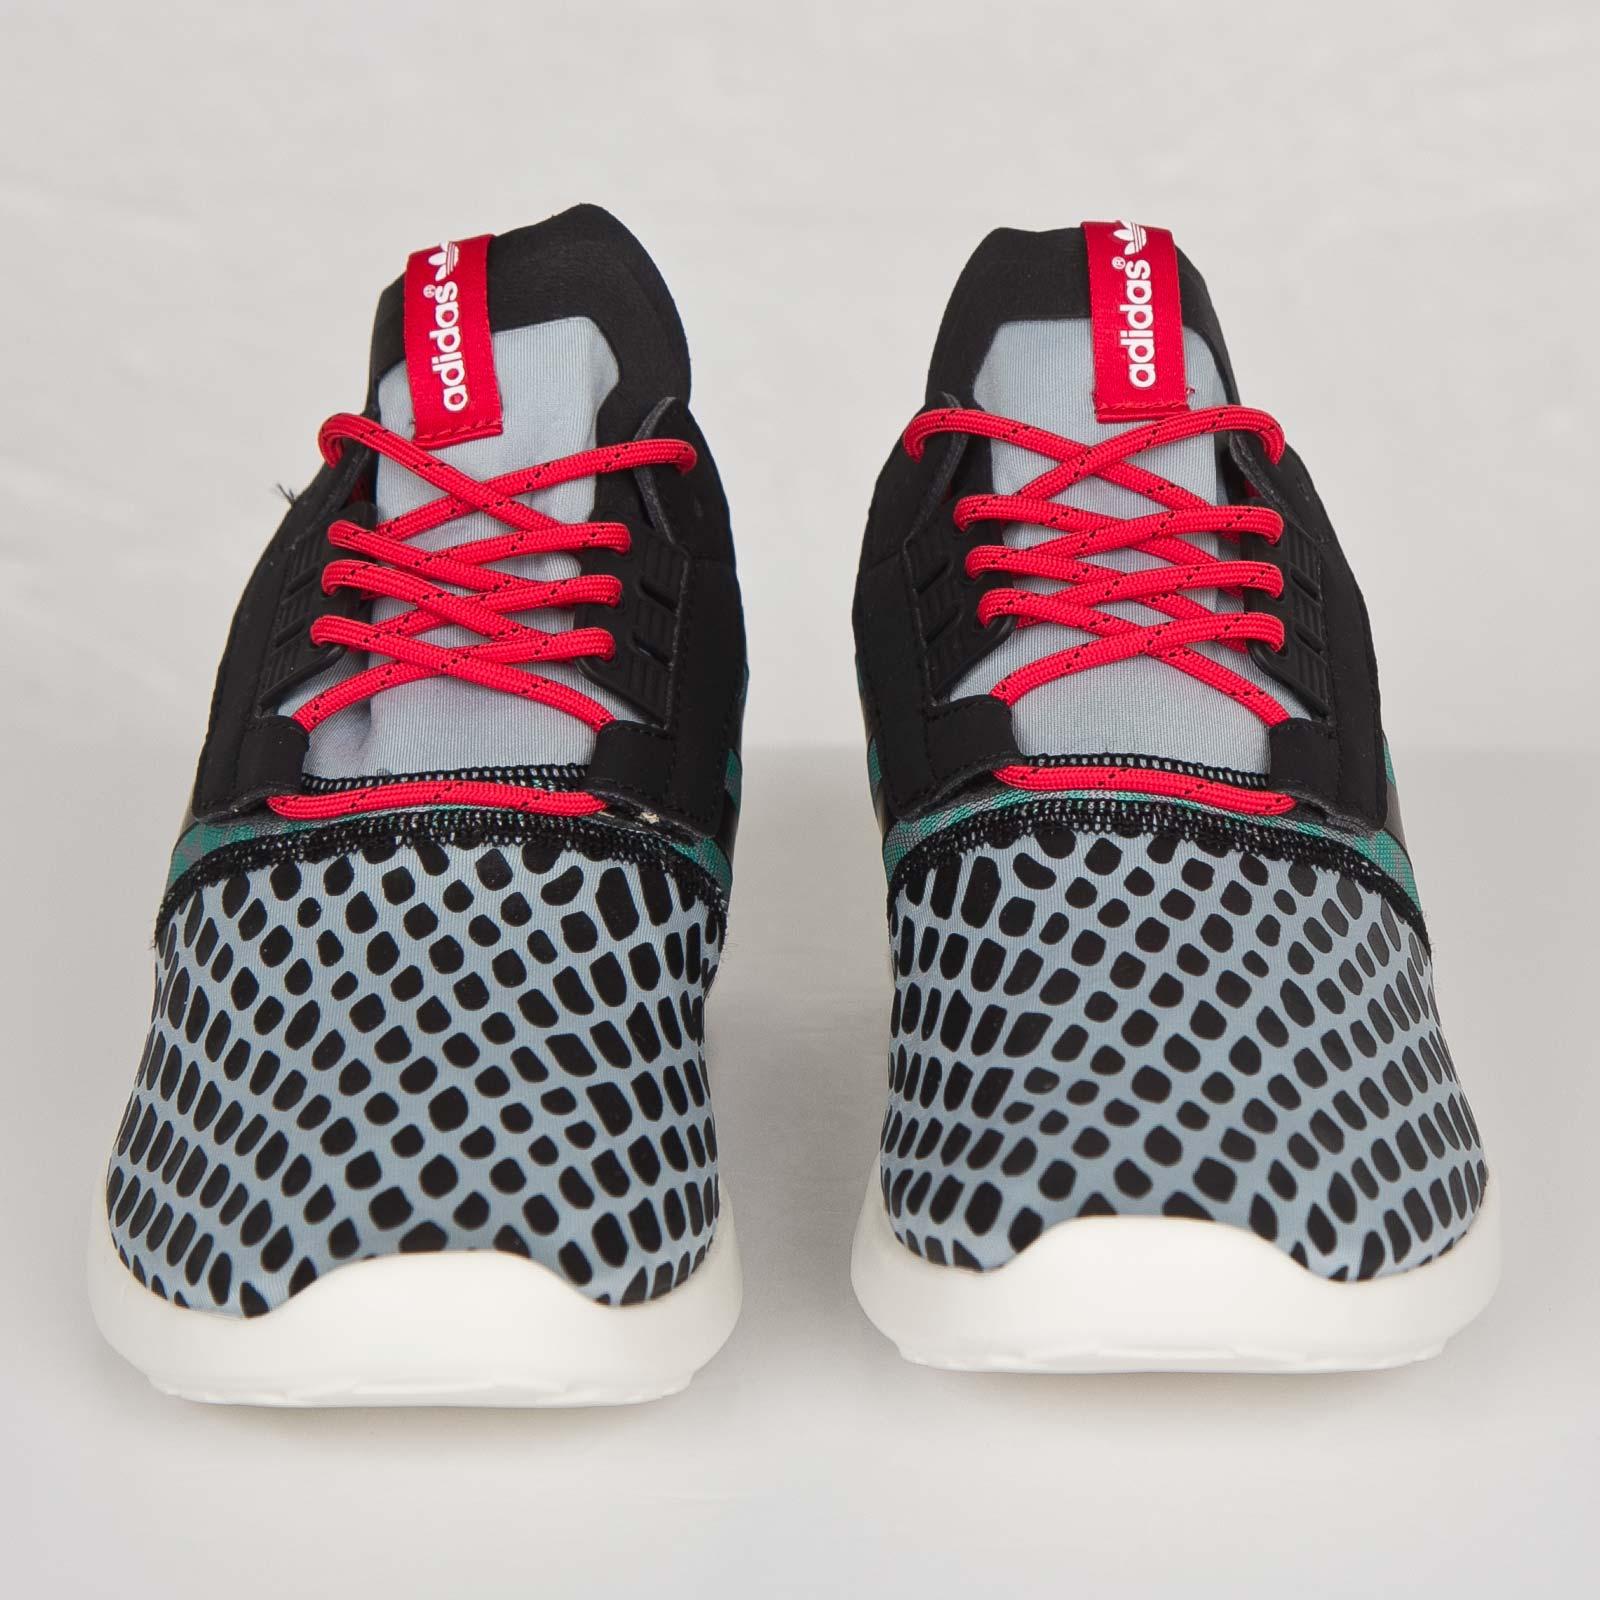 lowest price 0817b ef861 adidas ZX 8000 Boost - B24953 - Sneakersnstuff   sneakers   streetwear  online since 1999